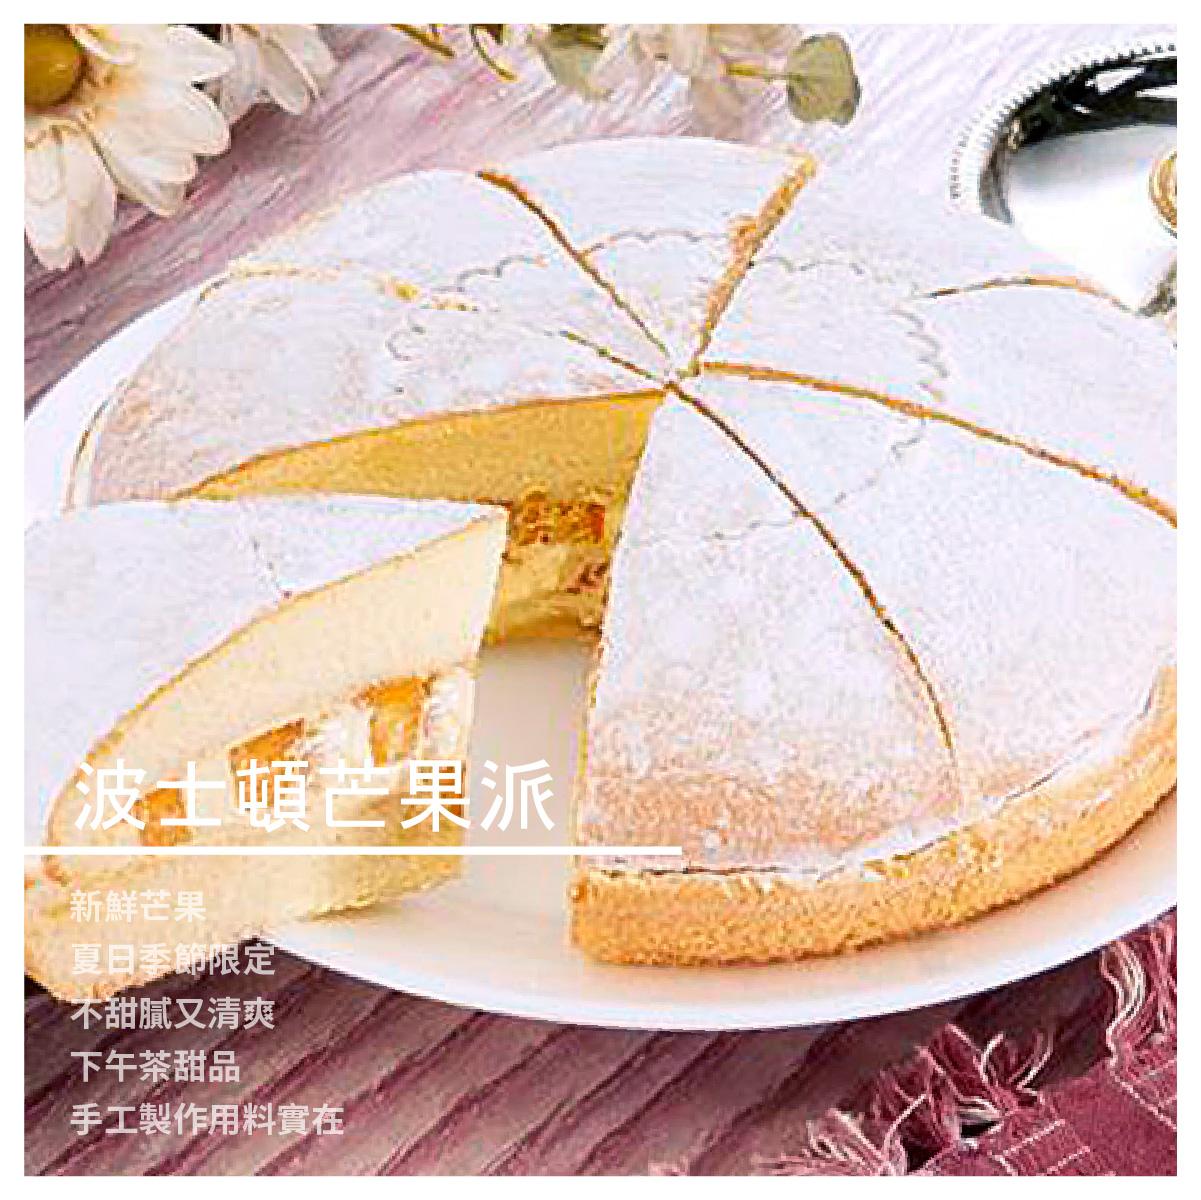 【優仕紳蛋糕】波士頓芒果派/7吋